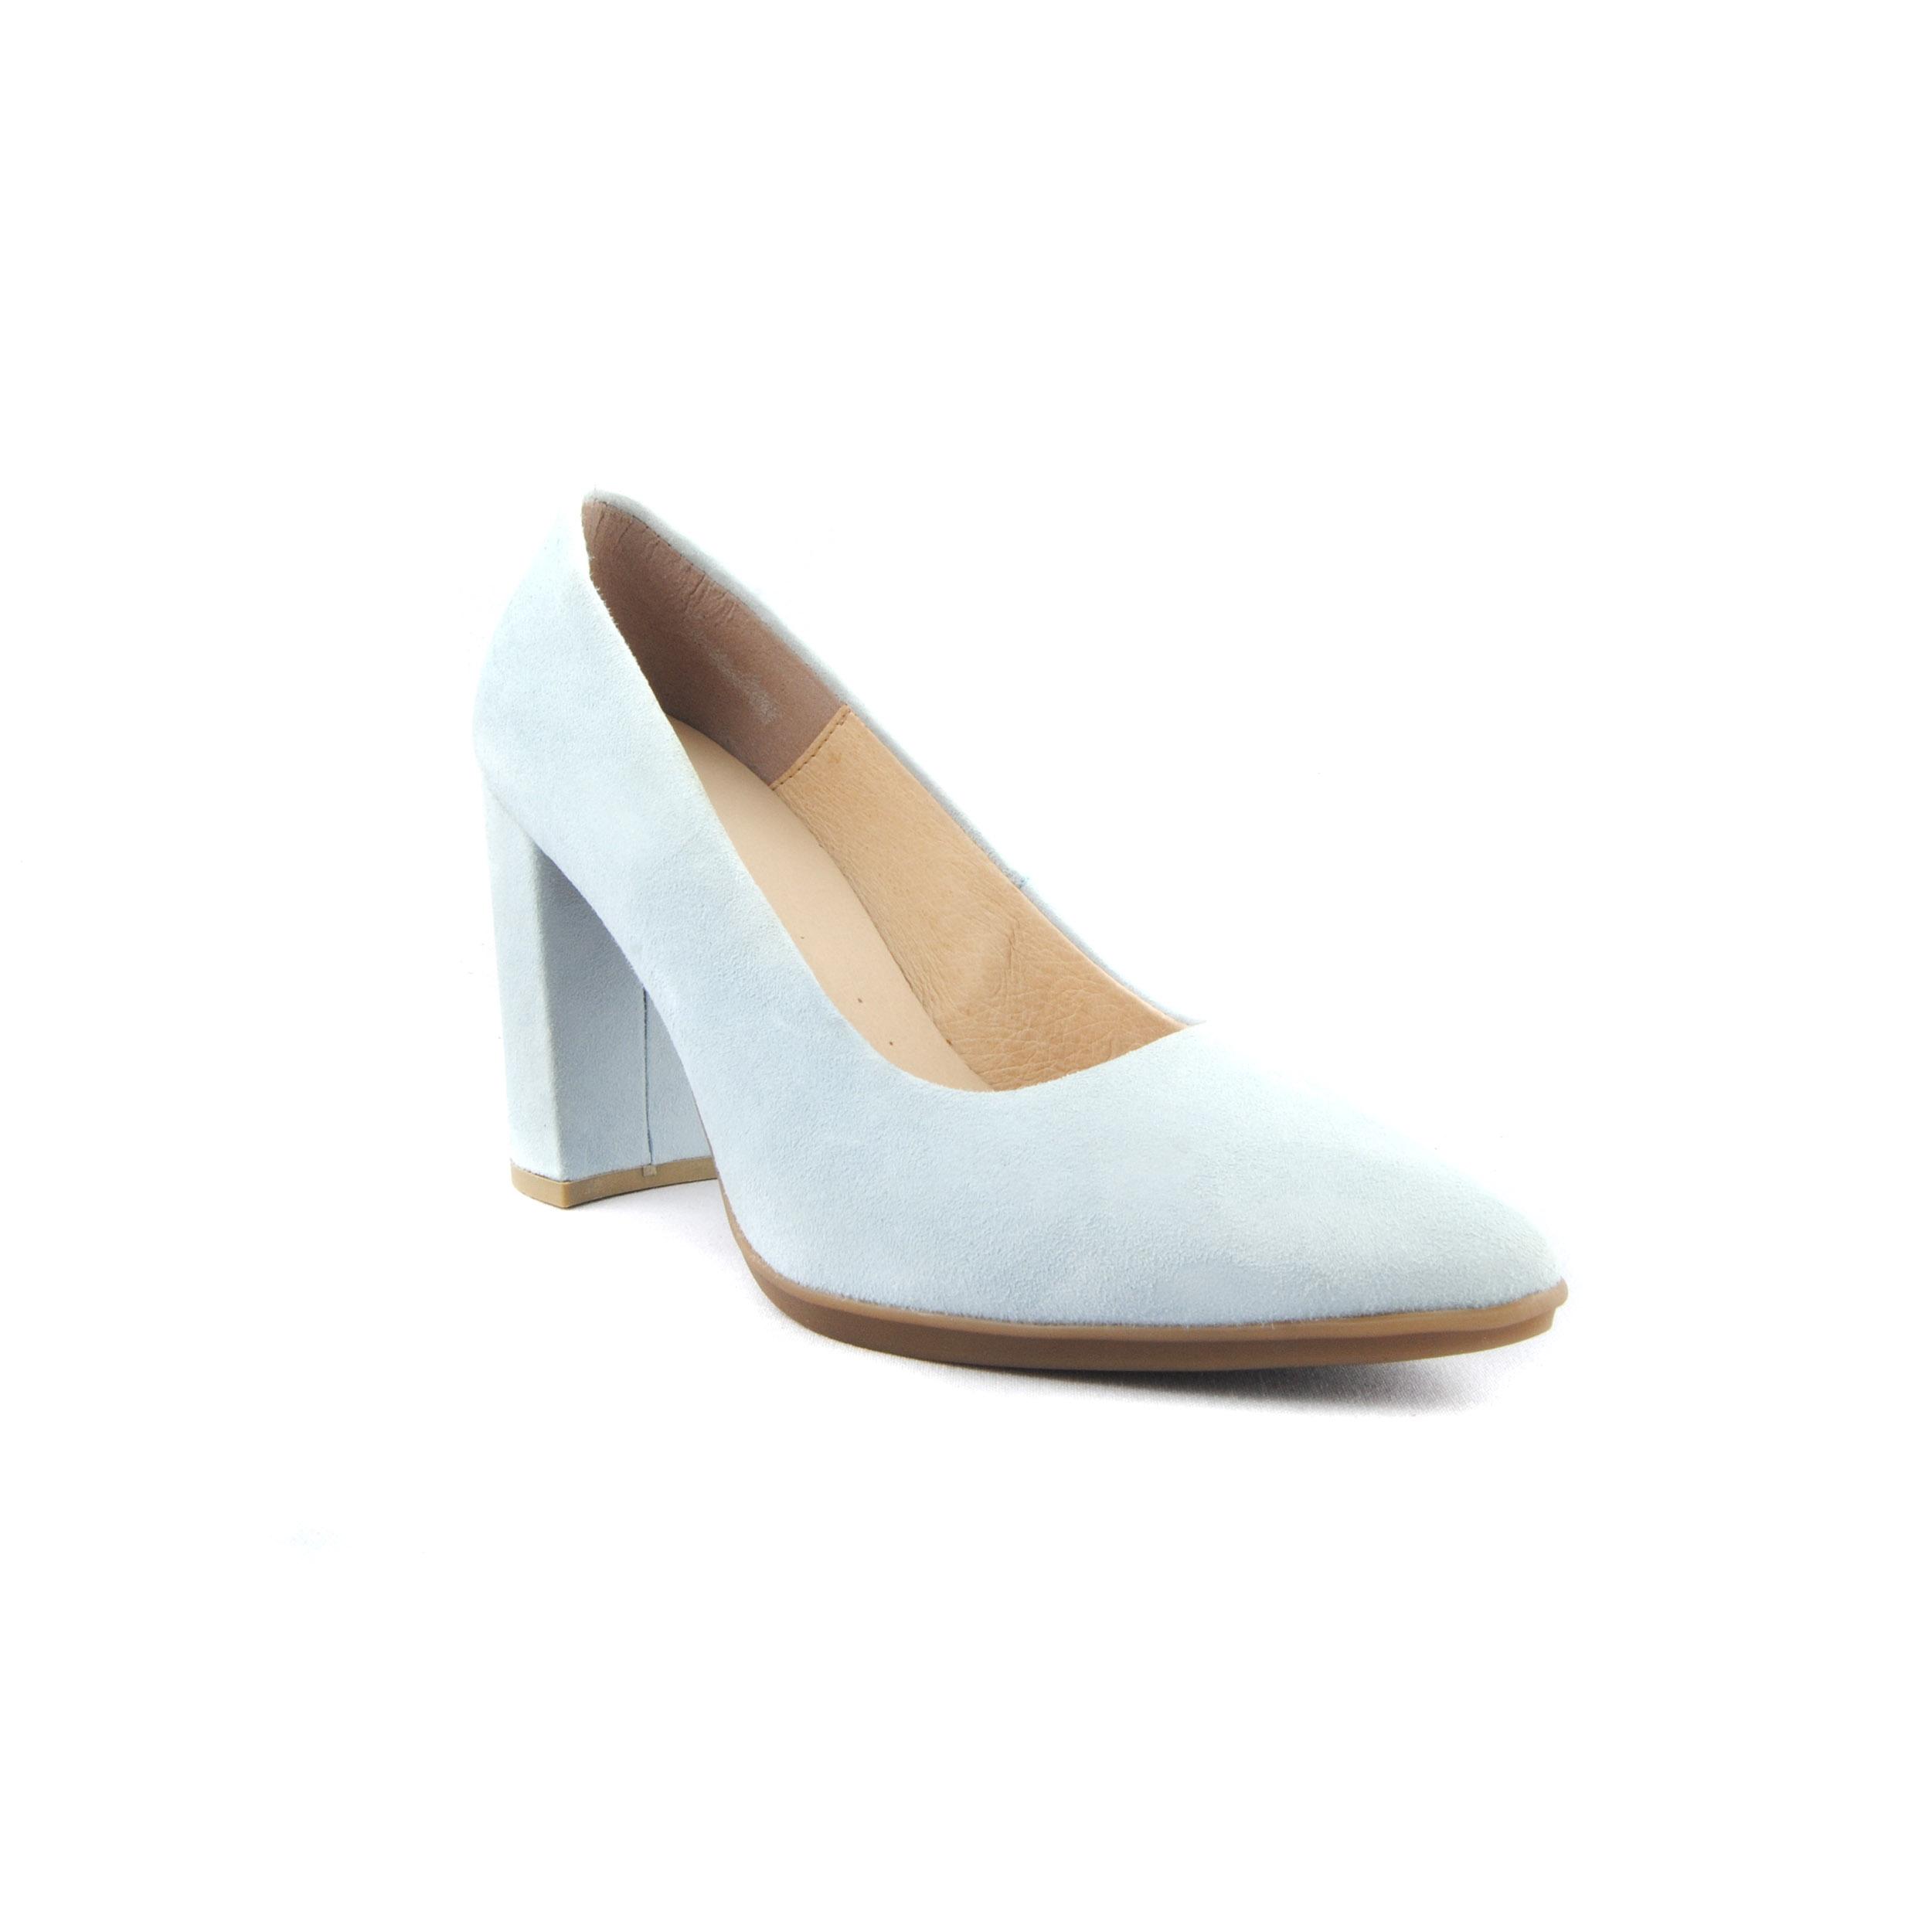 Sotoalto Zapato De Tacón De Piel ClavelRojo Tacón: 7, 5 cm